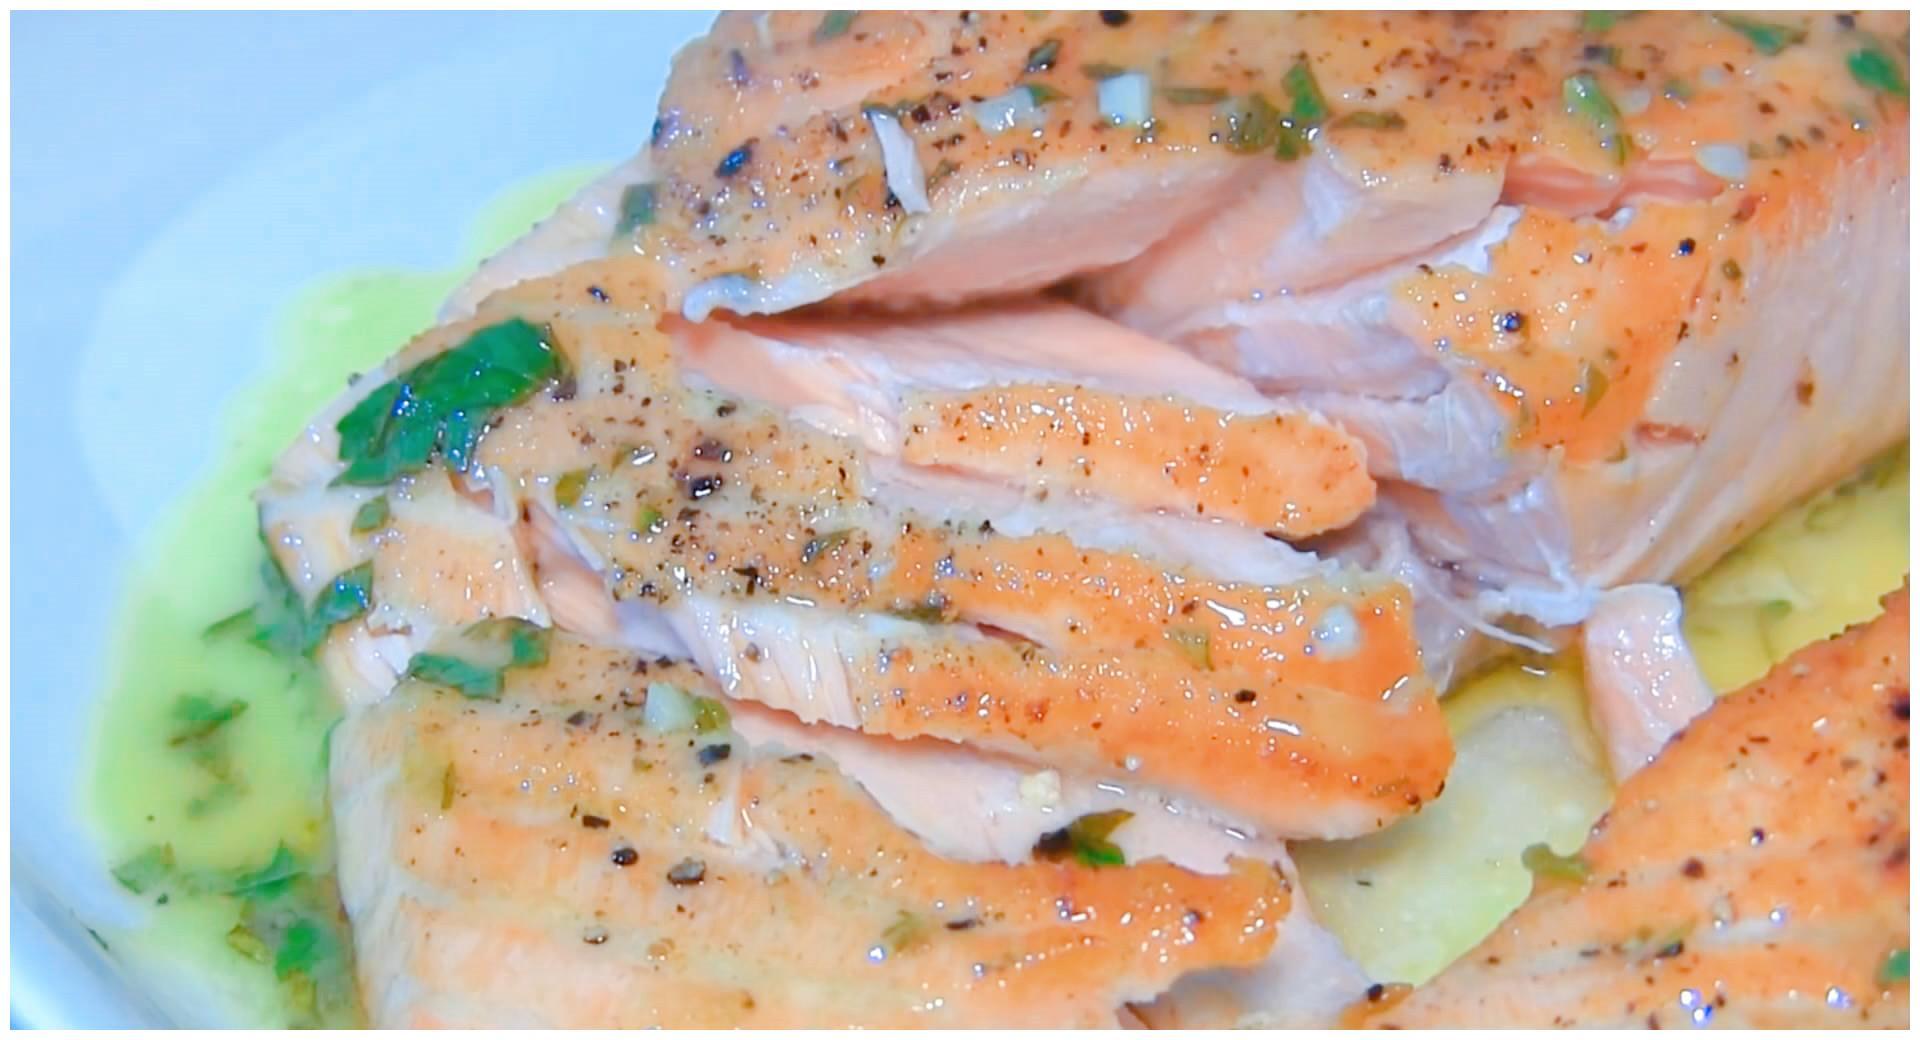 三文鱼别再生吃了,教你正宗香煎三文鱼做法,做好鱼肉细嫩不油腻